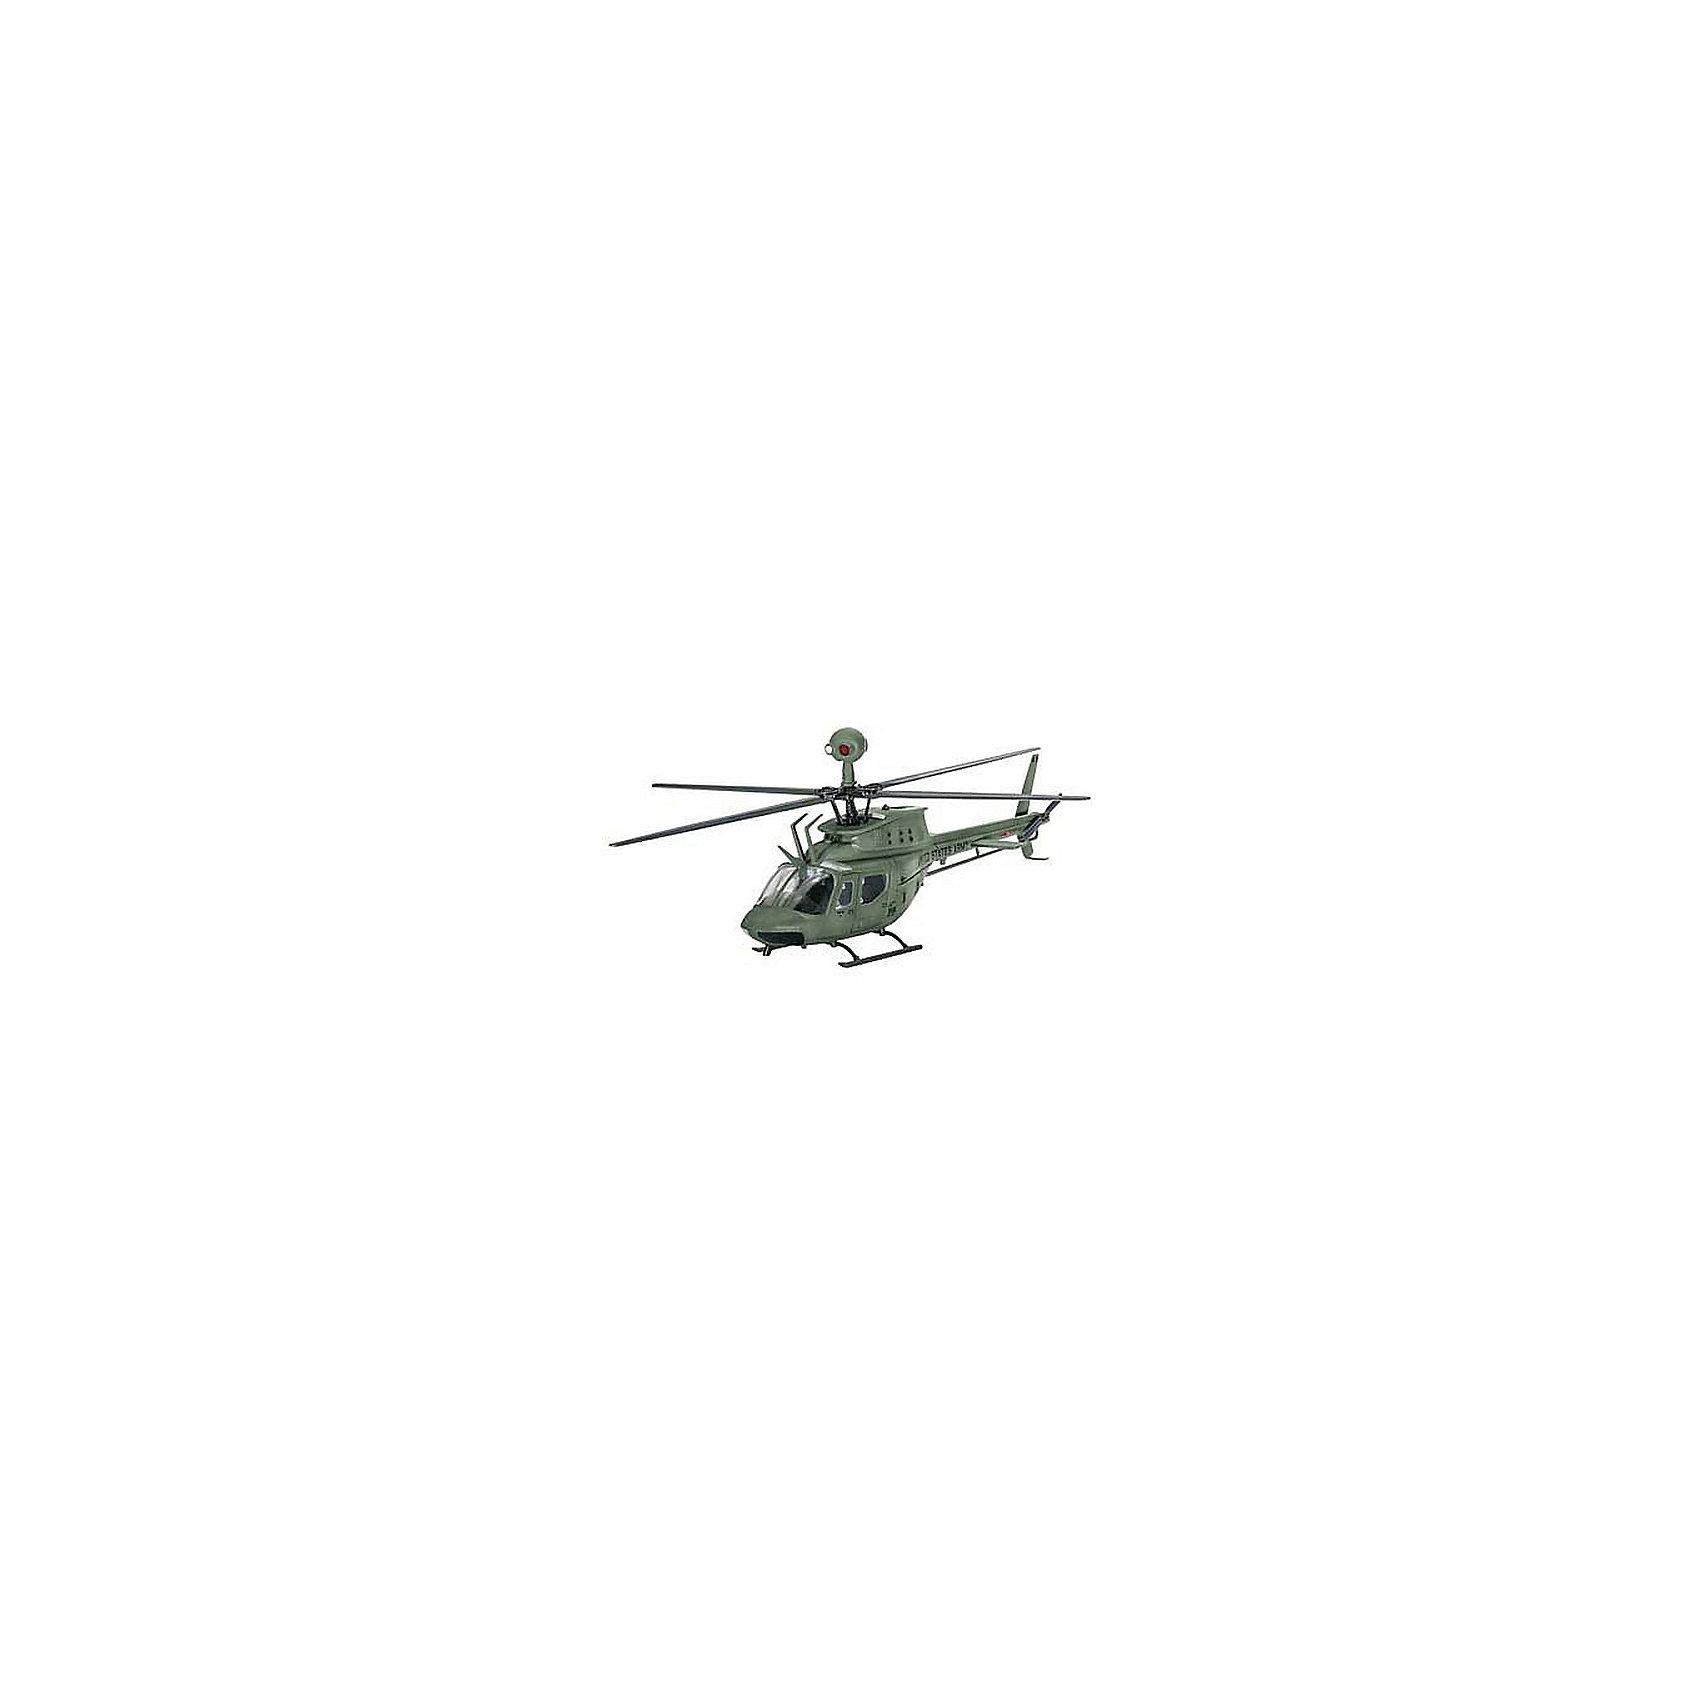 Вертолет Bell OH-58D KiowaМодели для склеивания<br>ОН-58 является военной версией гражданского вертолета Bell® 206 Jet Ranger.Первая из этих машин была доставлены в армию США в начале 1969 года Многочисленные усовершенствования конструкций привели к появлению версии  ОН-58D, который была впервые поставлена в 1985 г. Вертолет обзавелся четырьмя лопастями, более мощным двигателем, а также улучшенными средствами навигации и связи.  <br><br>Сборная модель вертолета Bell OH-58D Kiowa выполнена из пластика в масштабе 1/72. Для сборки вам потребуется клей. Рекомендуется использовать клей Revell для пластика. Для последующей покраски модели вам понадобятся краски - эмалевые или акриловые. Вы их можете приобрести в нашем магазине. <br><br>Внимание! Все расходные материалы в этот набор не входят. Они приобретаются отдельно! <br><br>Масштаб 1:72 <br>Количество деталей 43 <br>Длина модели в собранной виде 13,9 см<br><br>Ширина мм: 9999<br>Глубина мм: 9999<br>Высота мм: 9999<br>Вес г: 9999<br>Возраст от месяцев: 120<br>Возраст до месяцев: 2147483647<br>Пол: Мужской<br>Возраст: Детский<br>SKU: 7122350